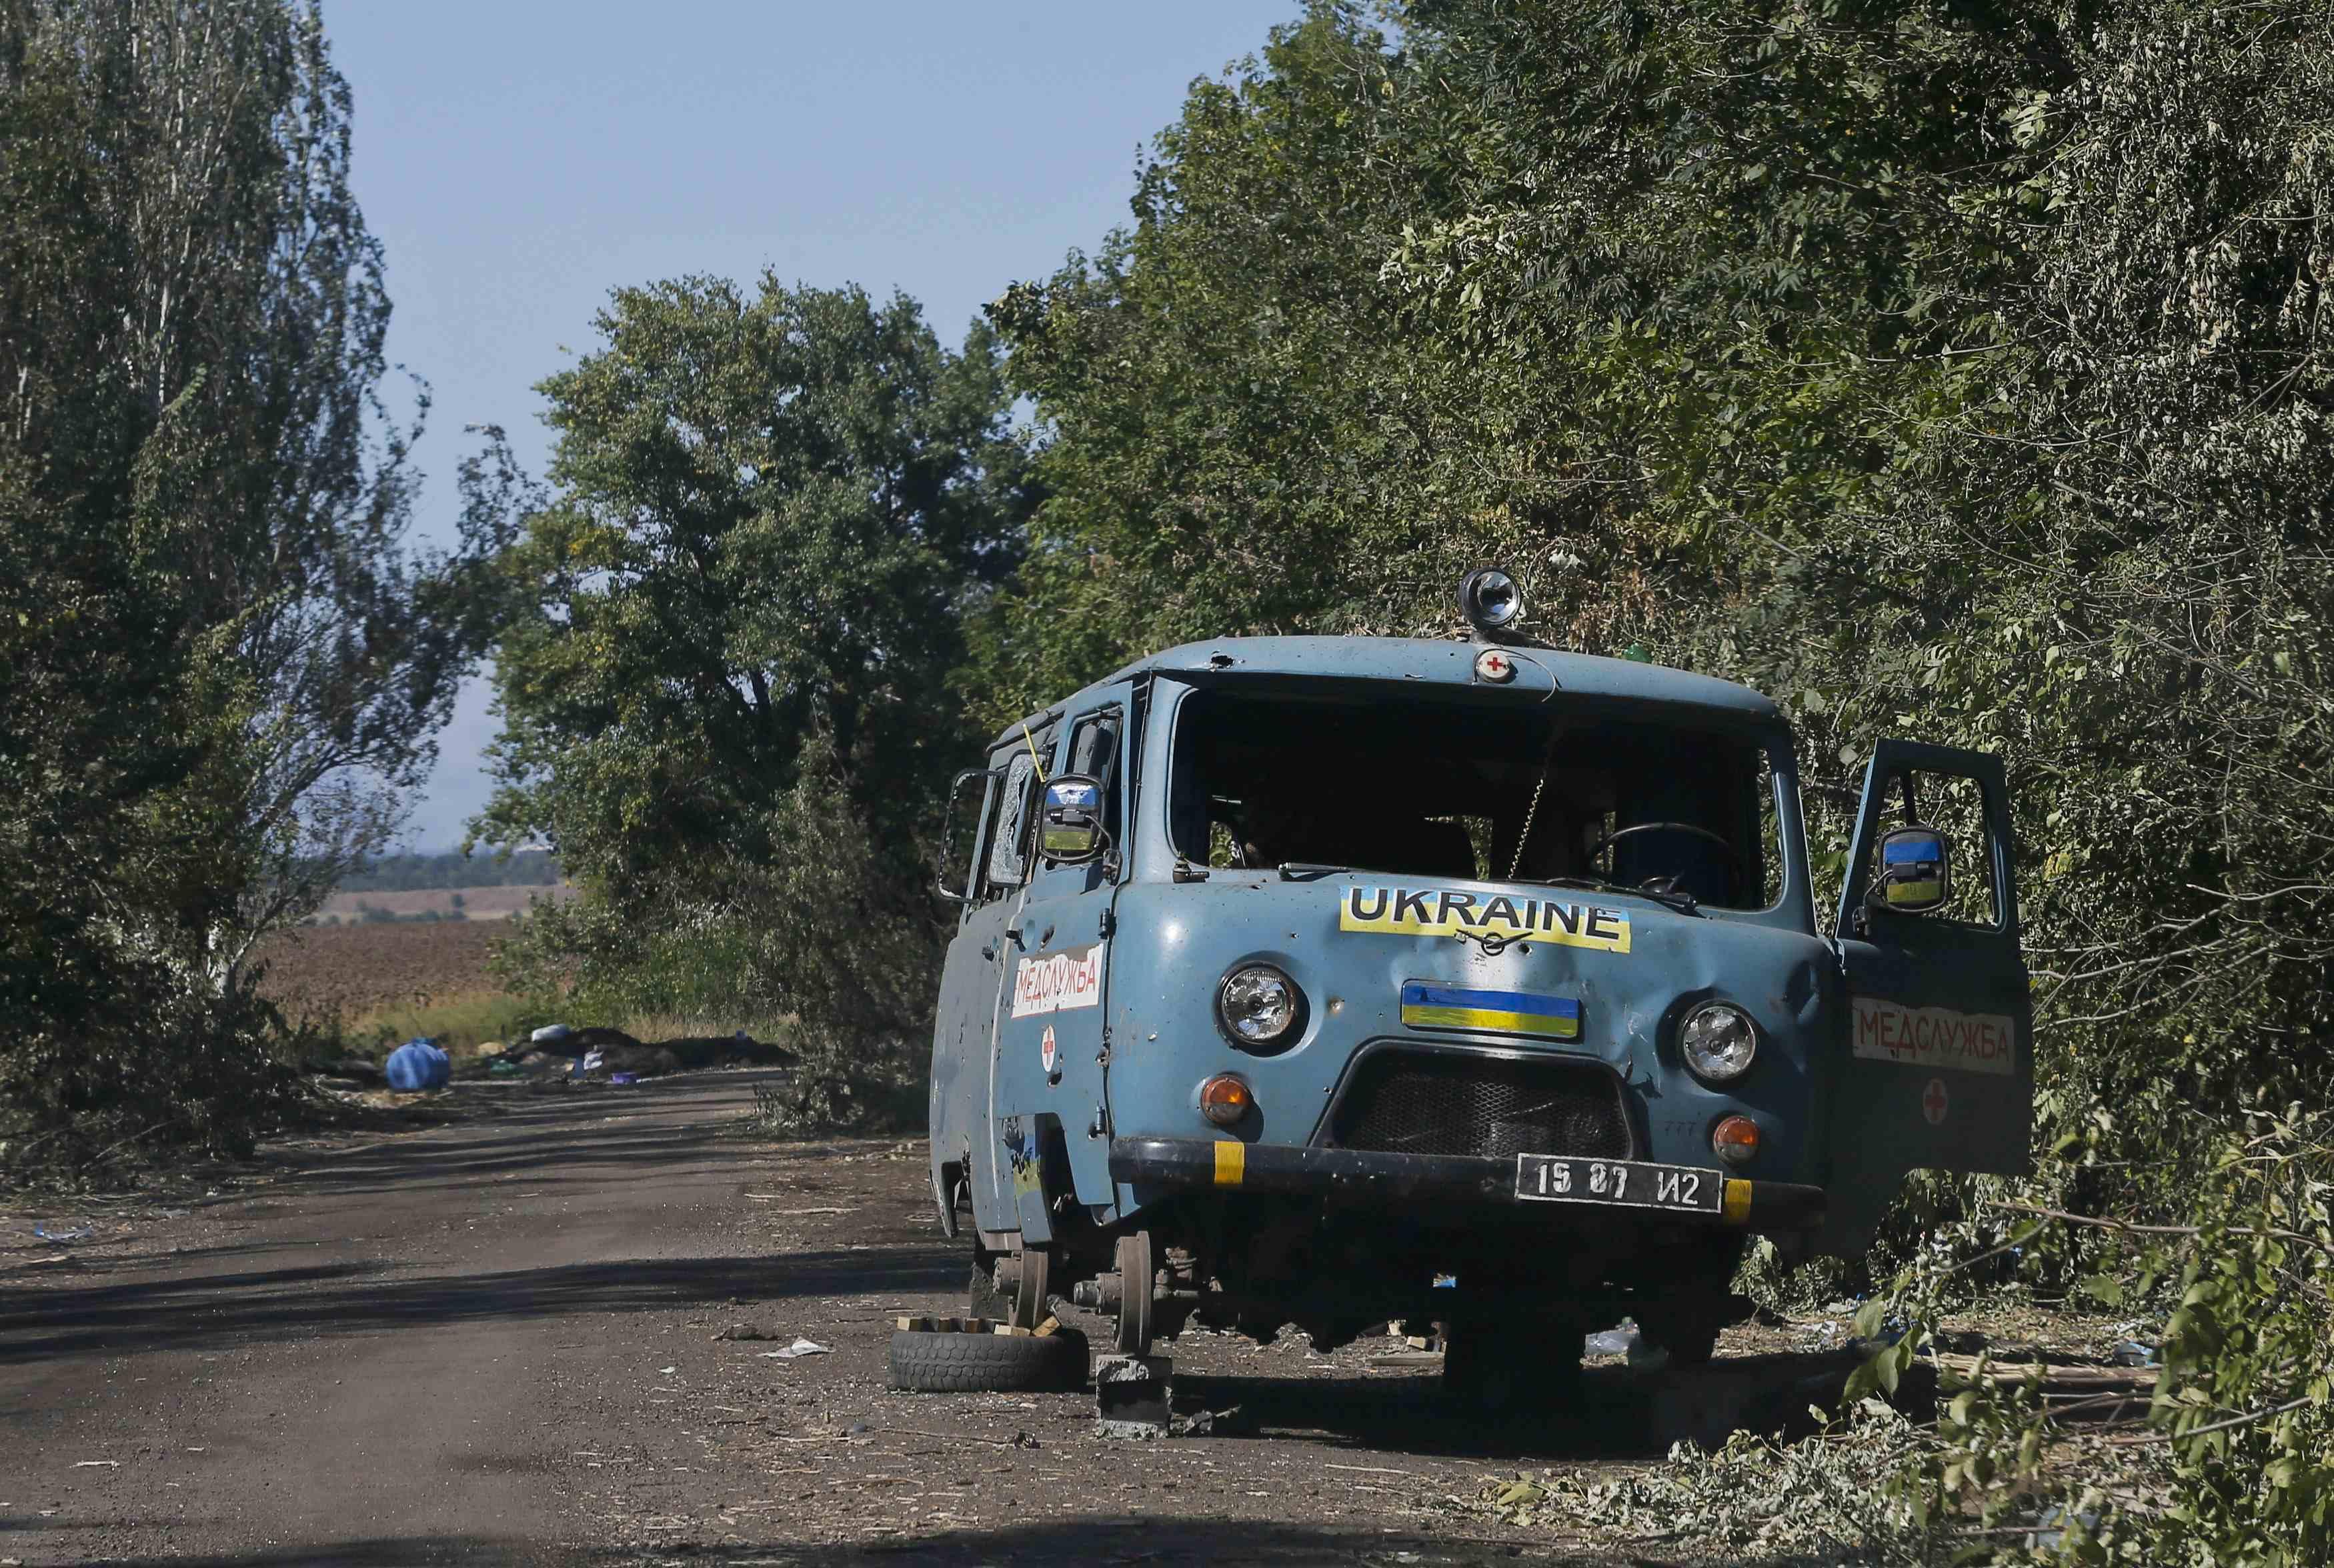 Уничтоженная скорая помощь ВСУ под Иловайском